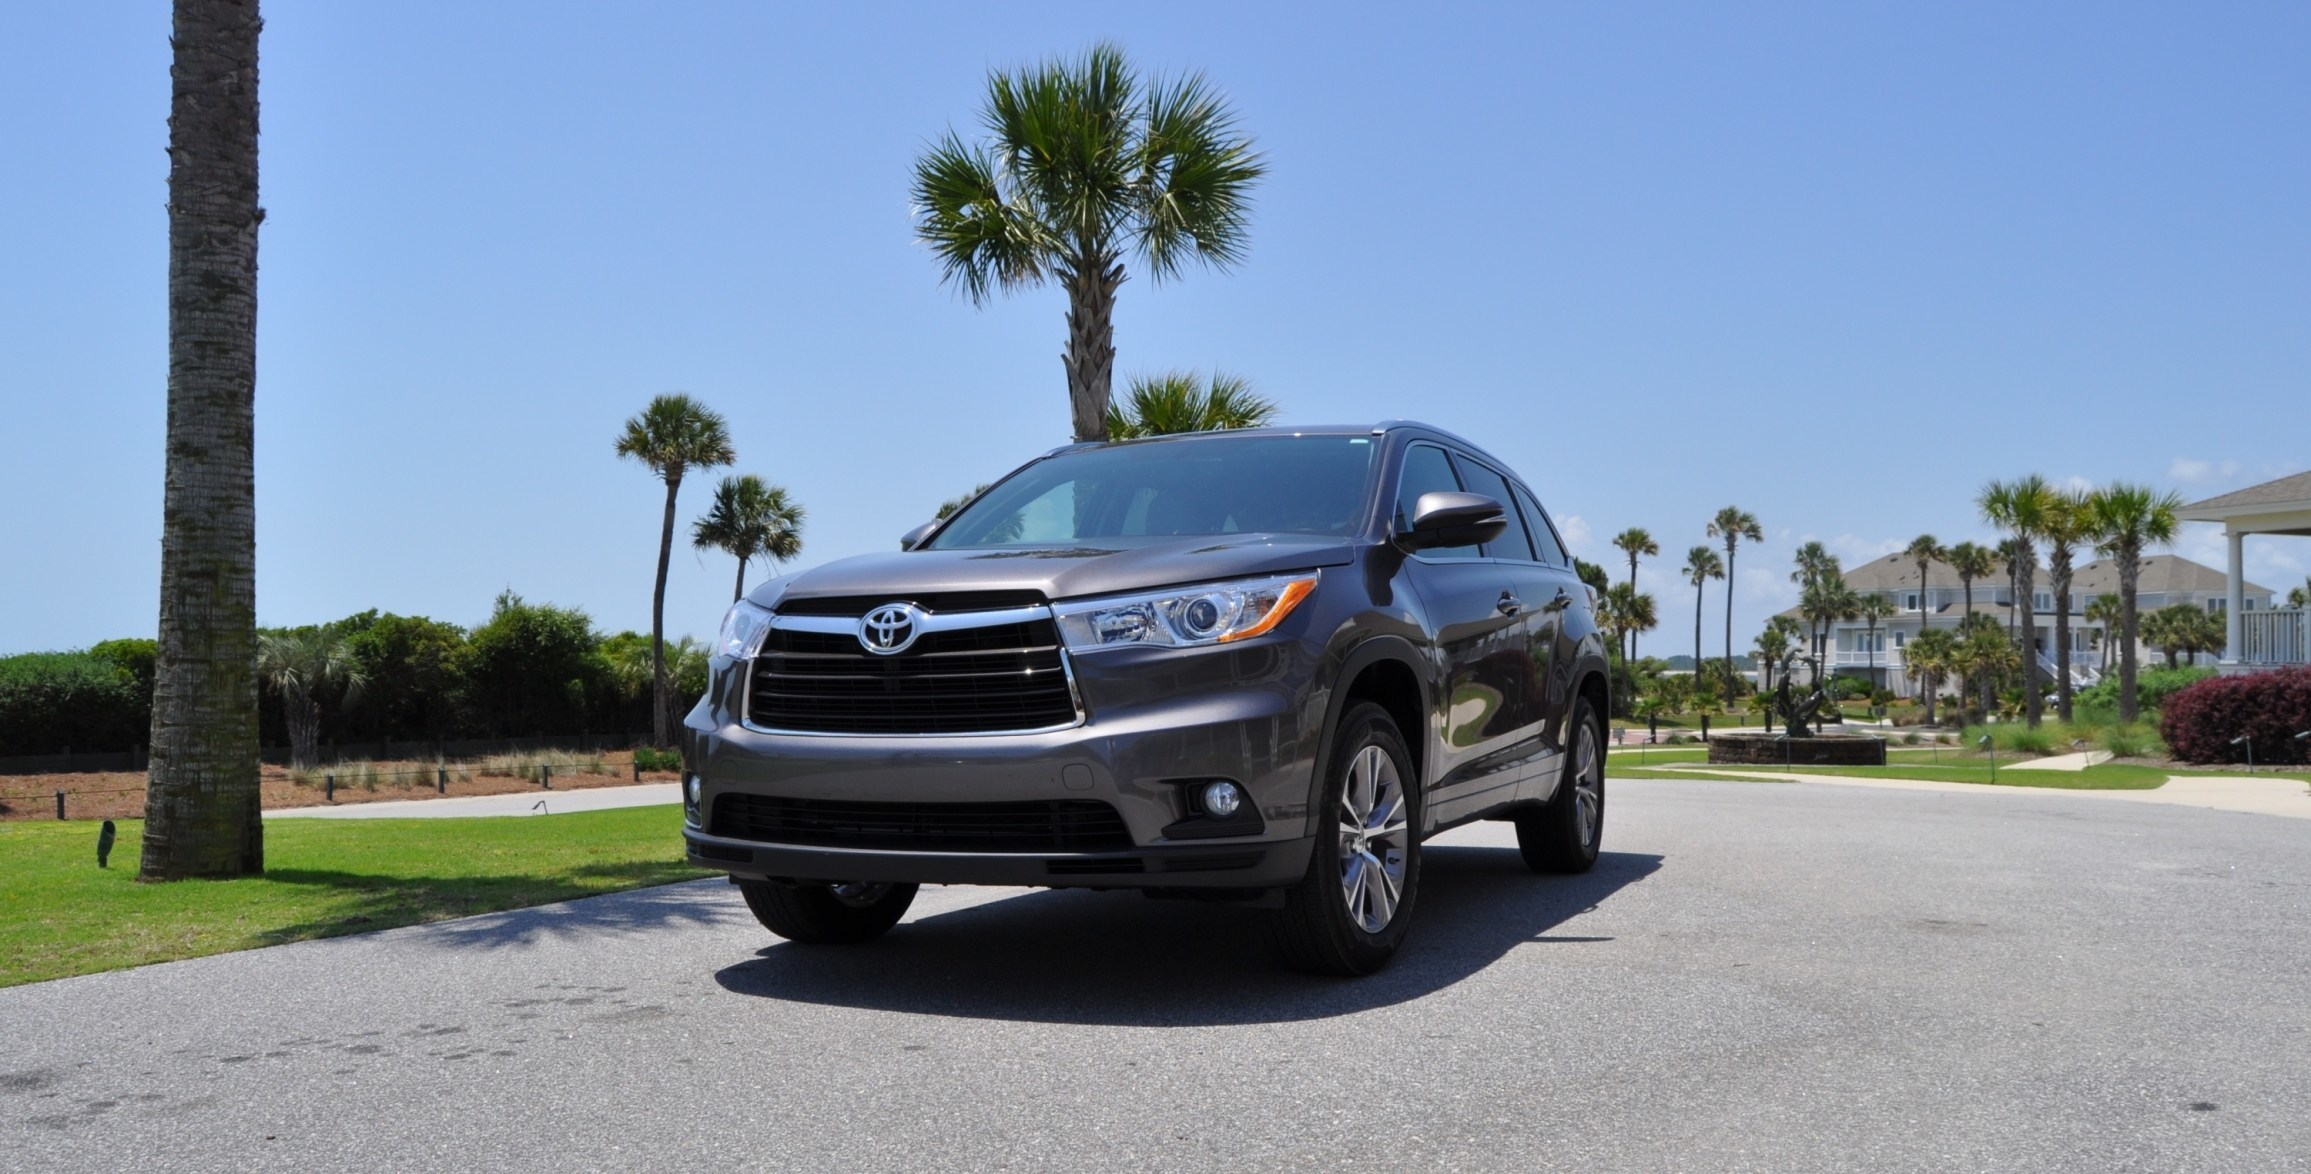 Car-Revs-Daily.com Road Test Review - 2014 Toyota Highlander XLE V6 75